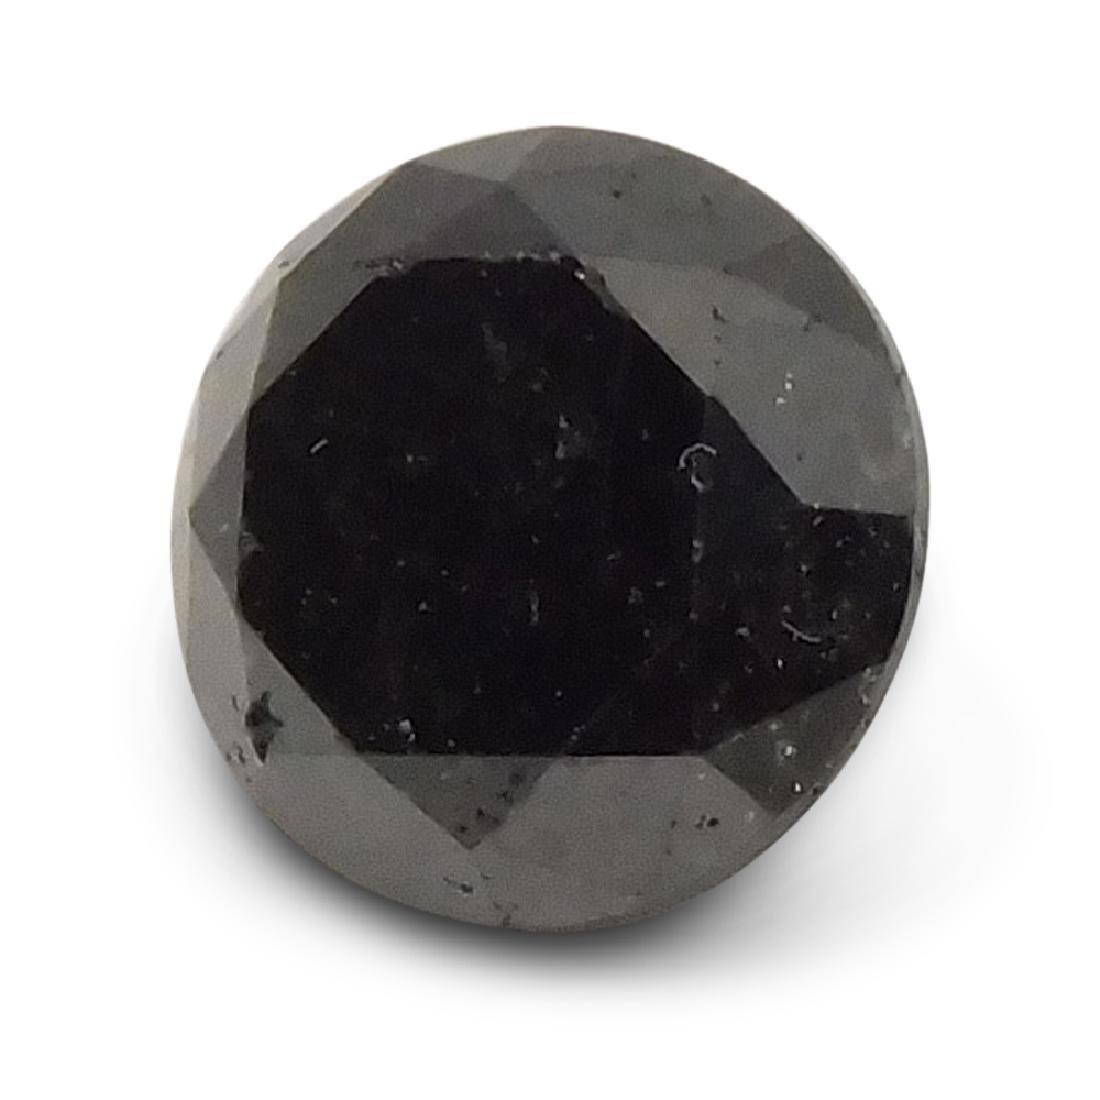 1.9 Carat Loose Round Black Diamond - 5